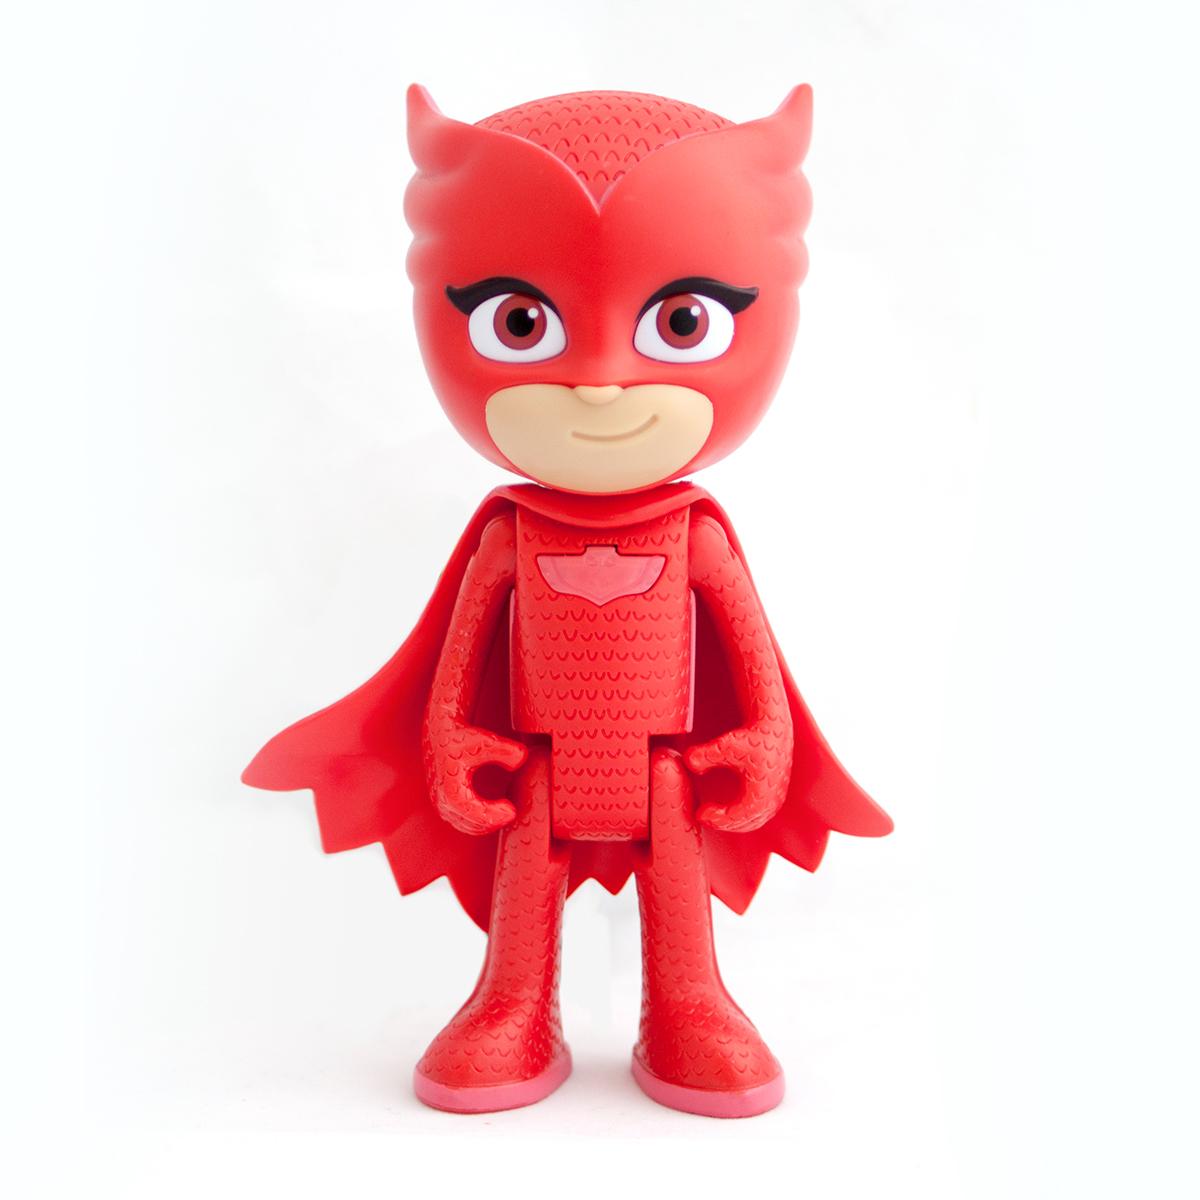 Фигурка PJ Masks Алетт со звуком 15 см фигурка pj masks алетт 8 см